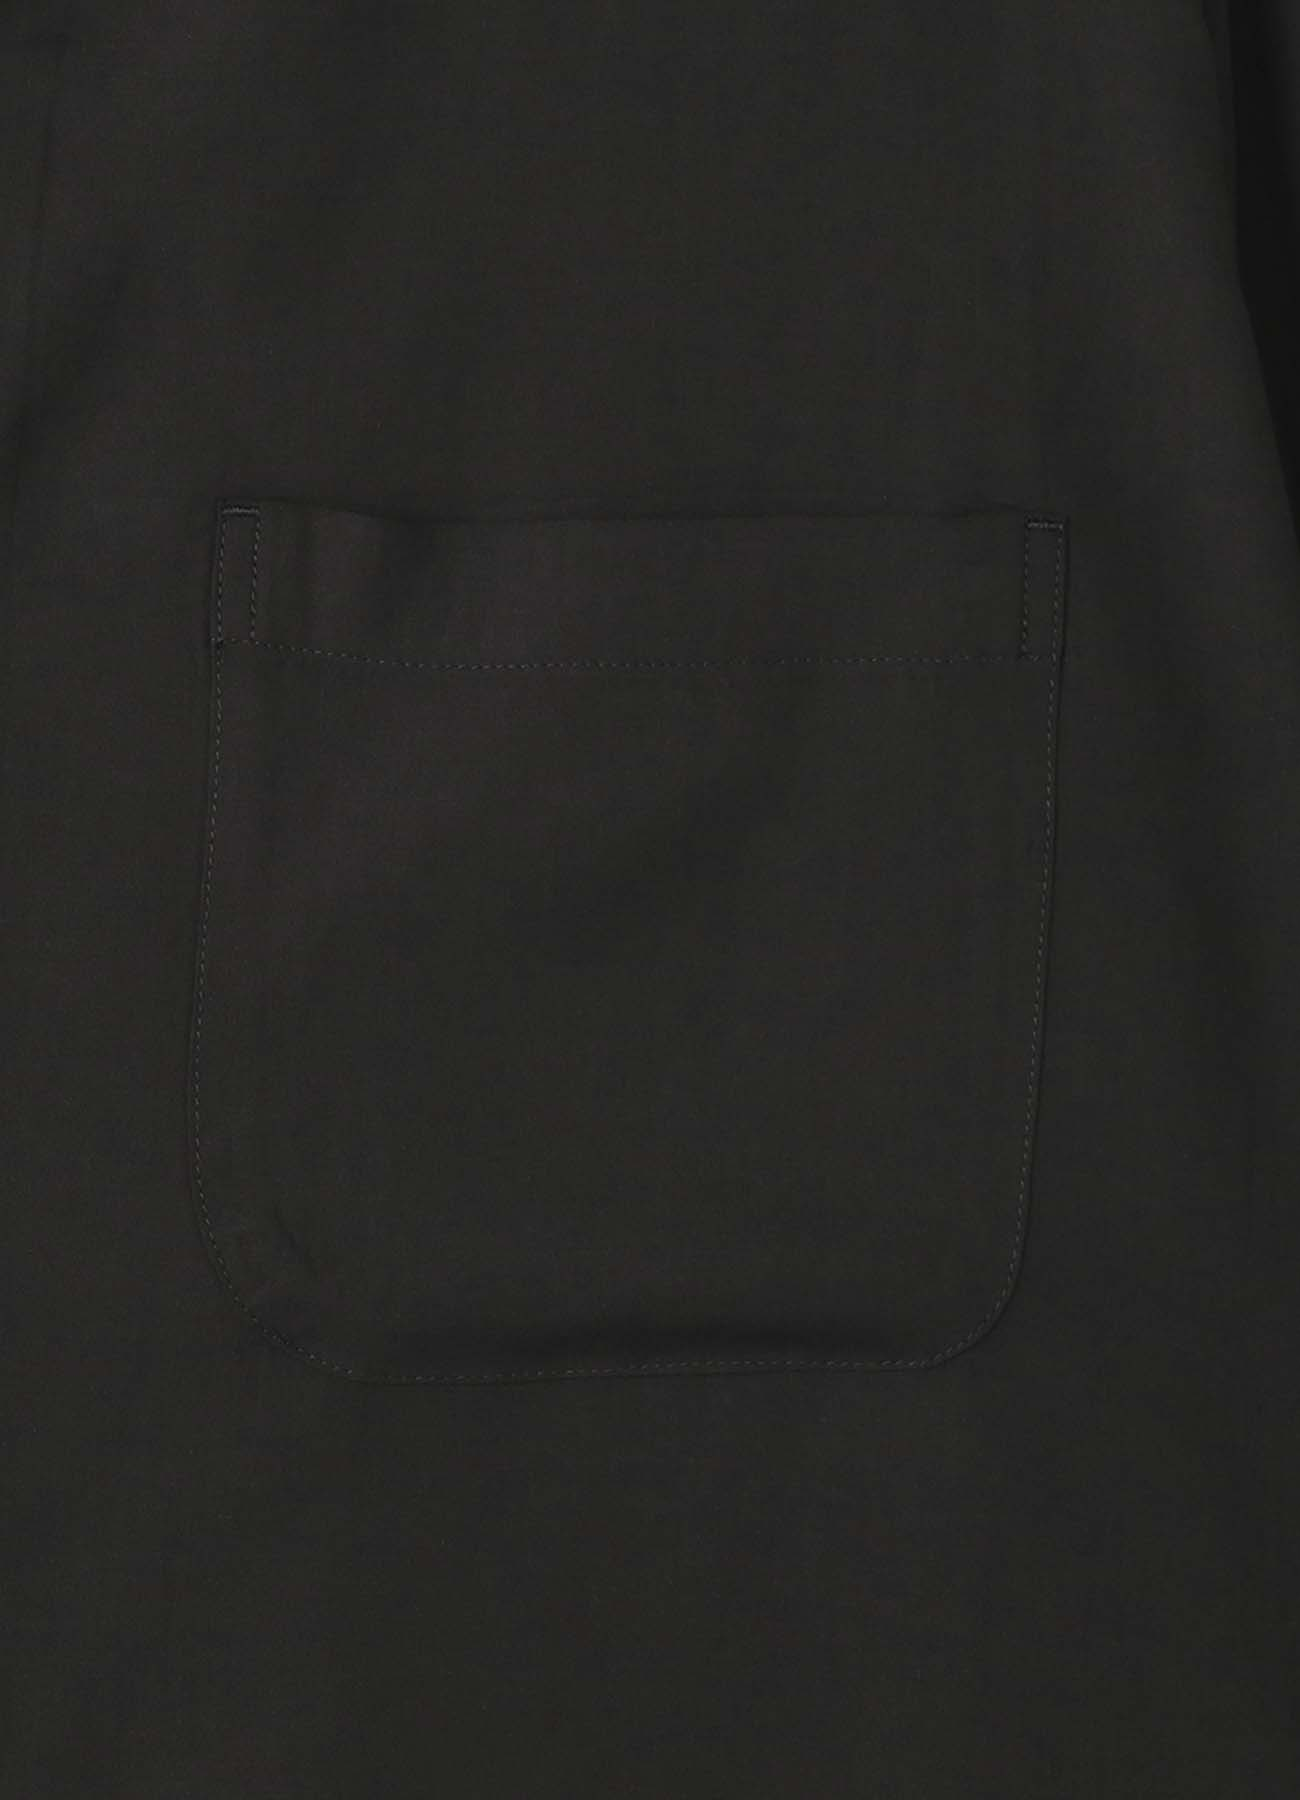 テンセルローン ノッチシャツ